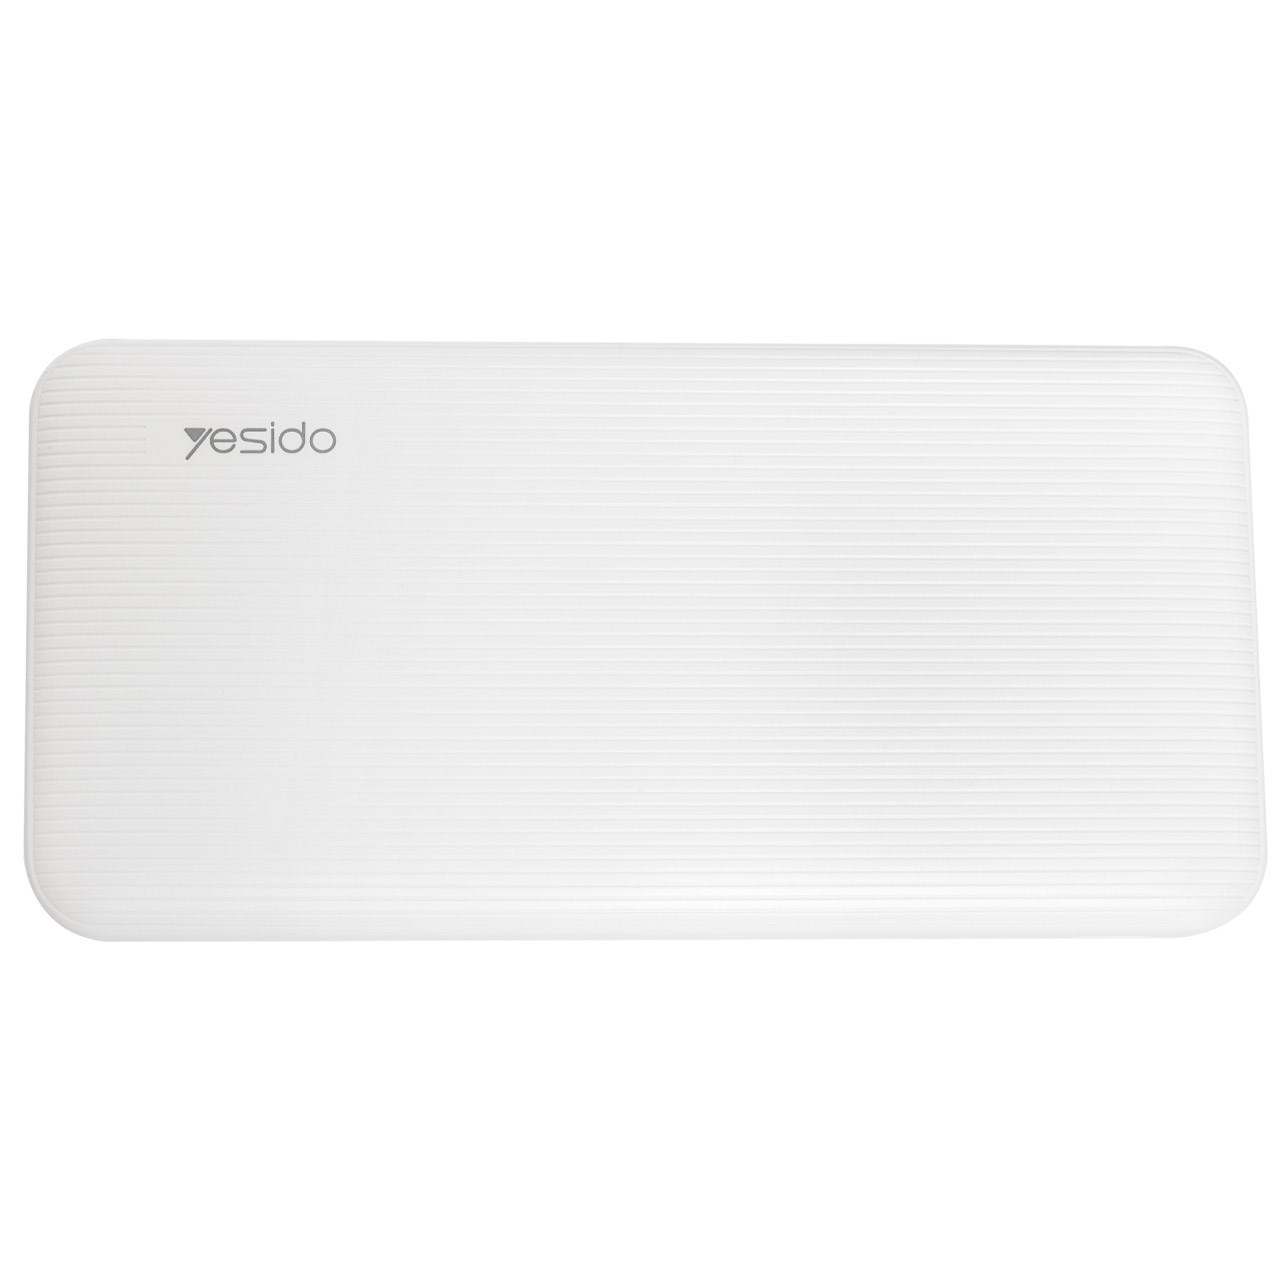 قیمت شارژر همراه یسیدو مدل YPB0001 ظرفیت 10000 میلی آمپر ساعت